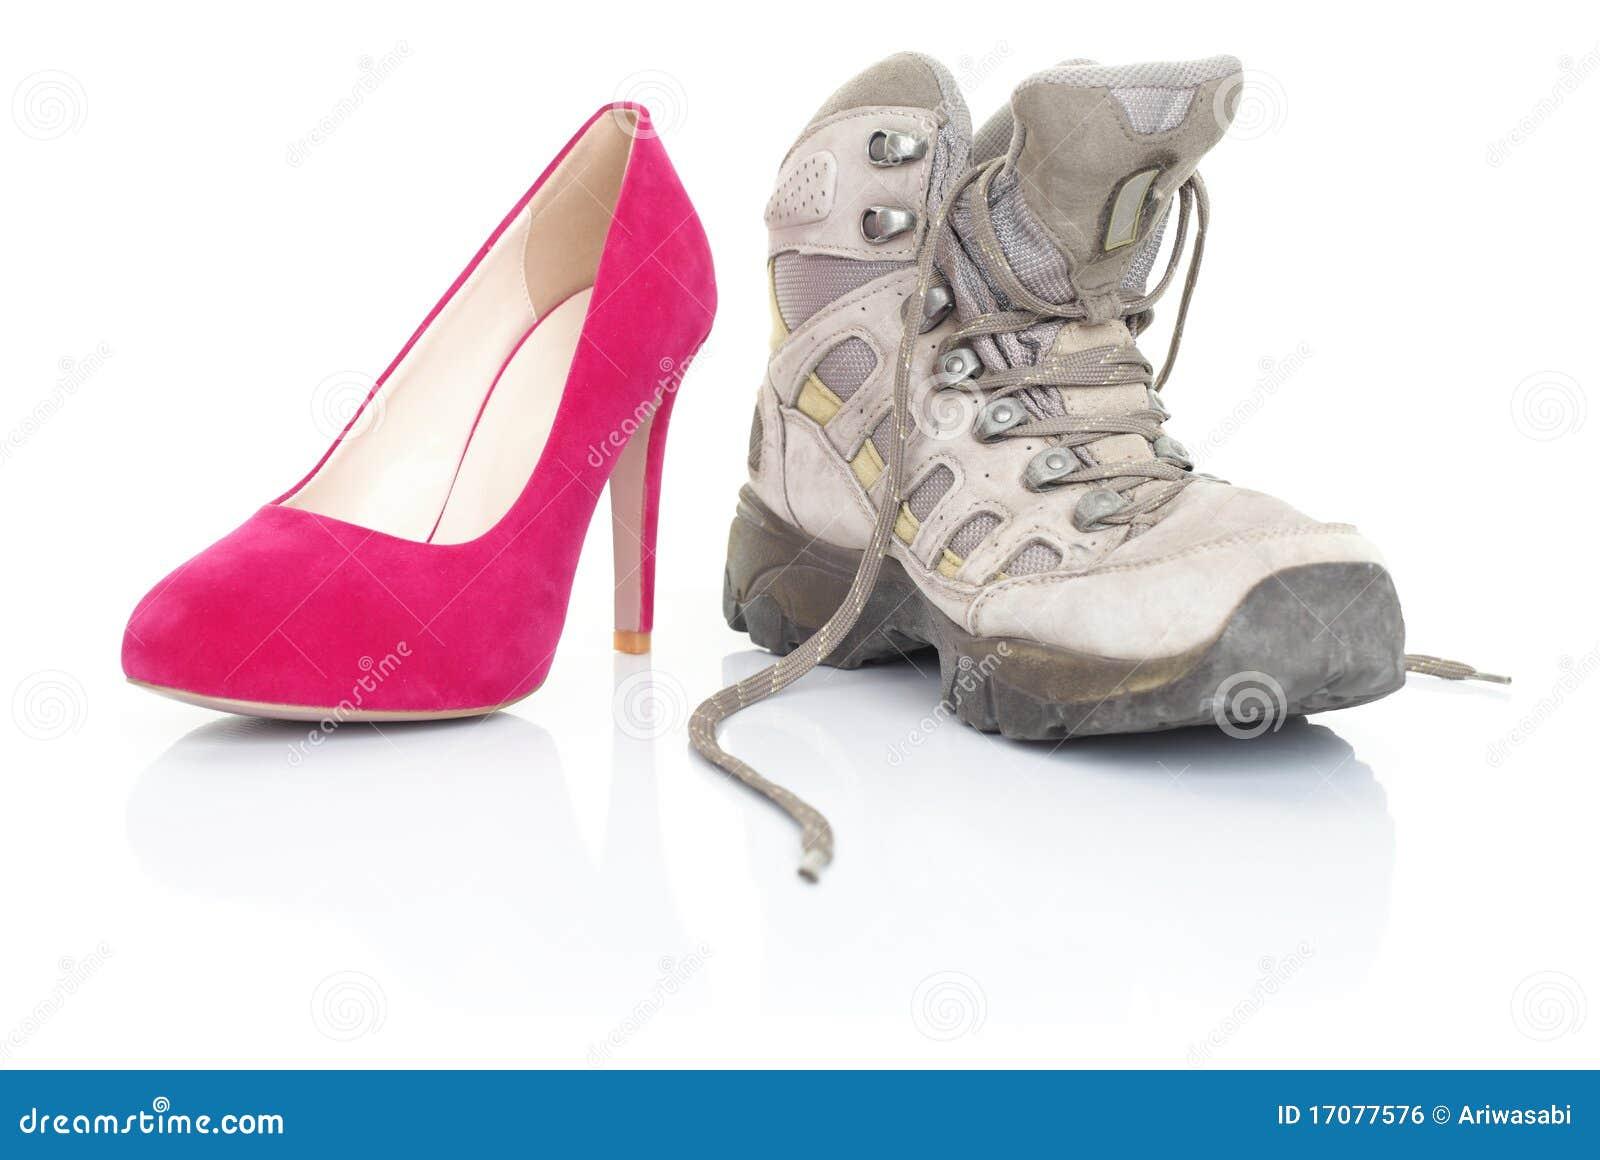 Hohe Absätze und wandern Schuhe auf Weiß